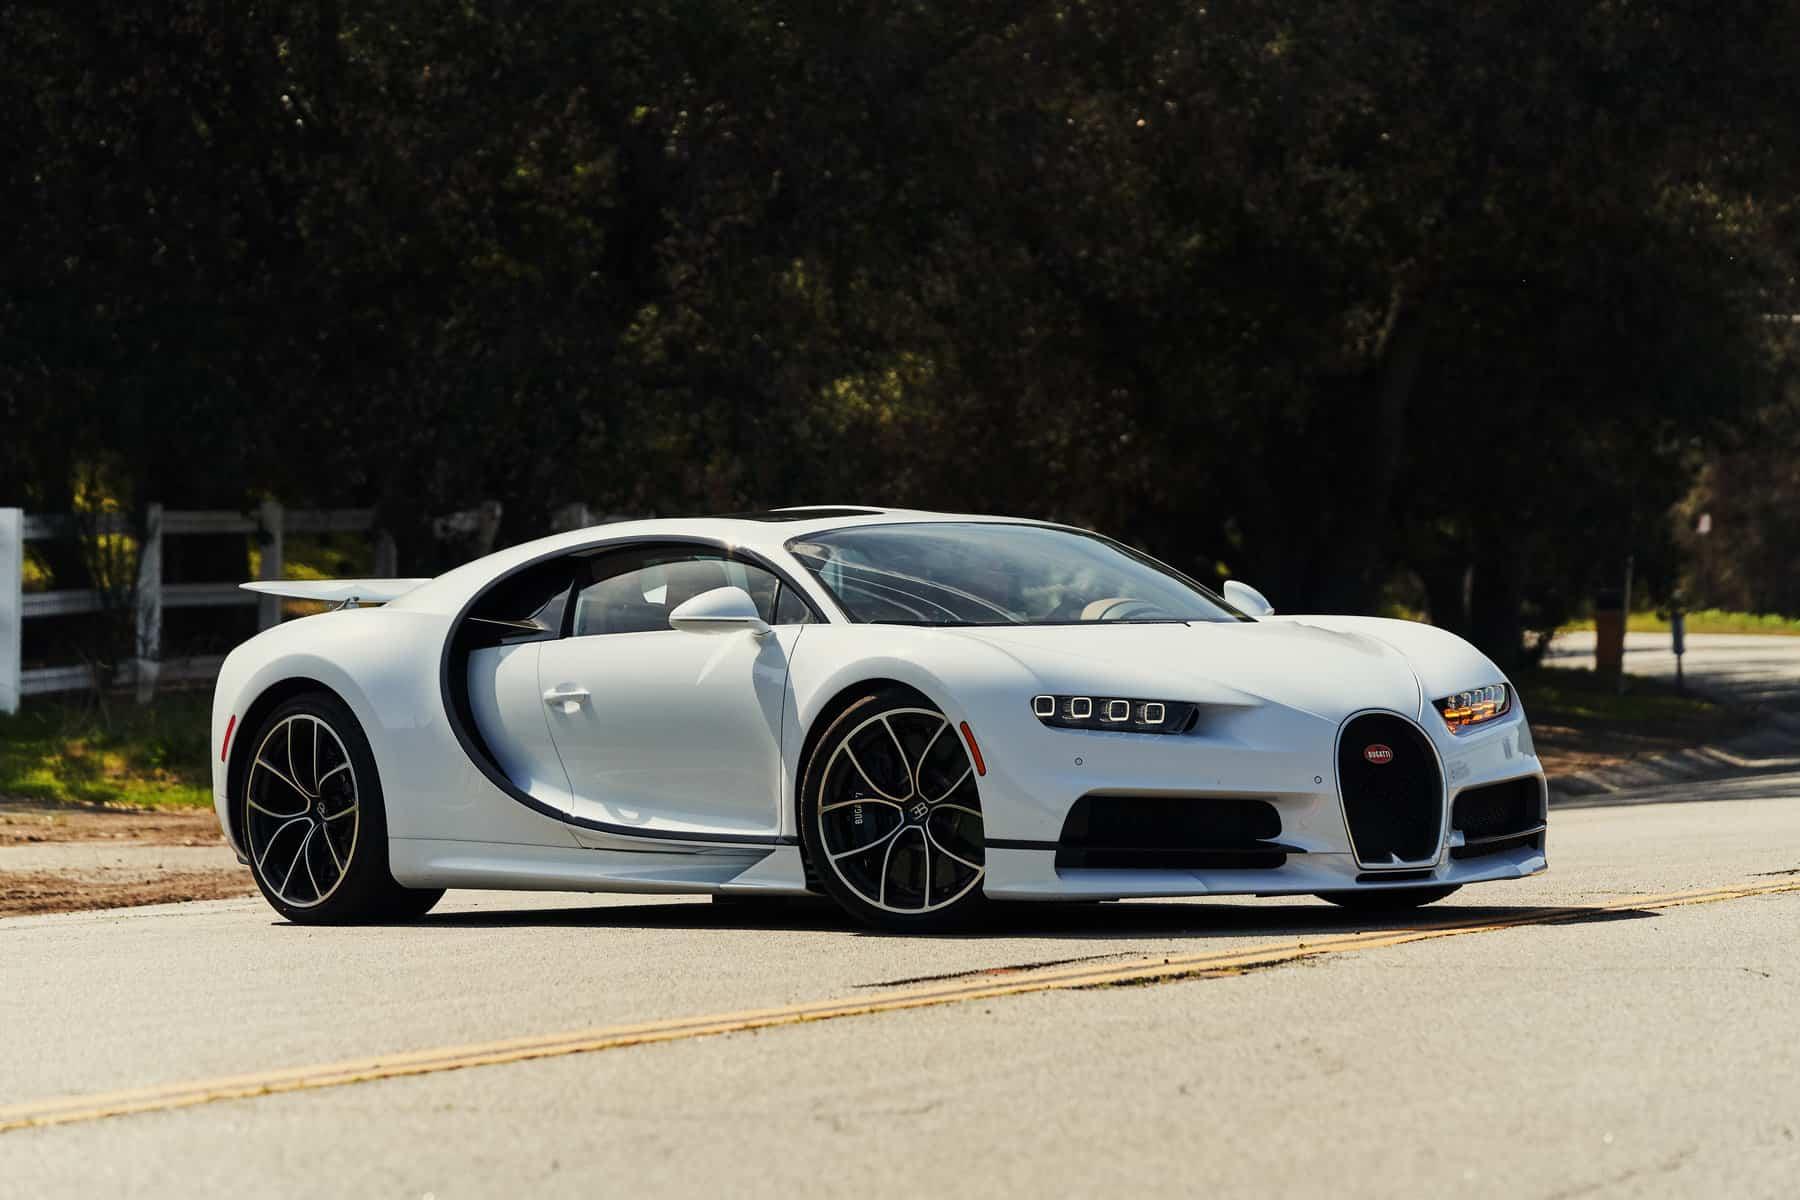 Bugatti Chiron. Source: NYTimes